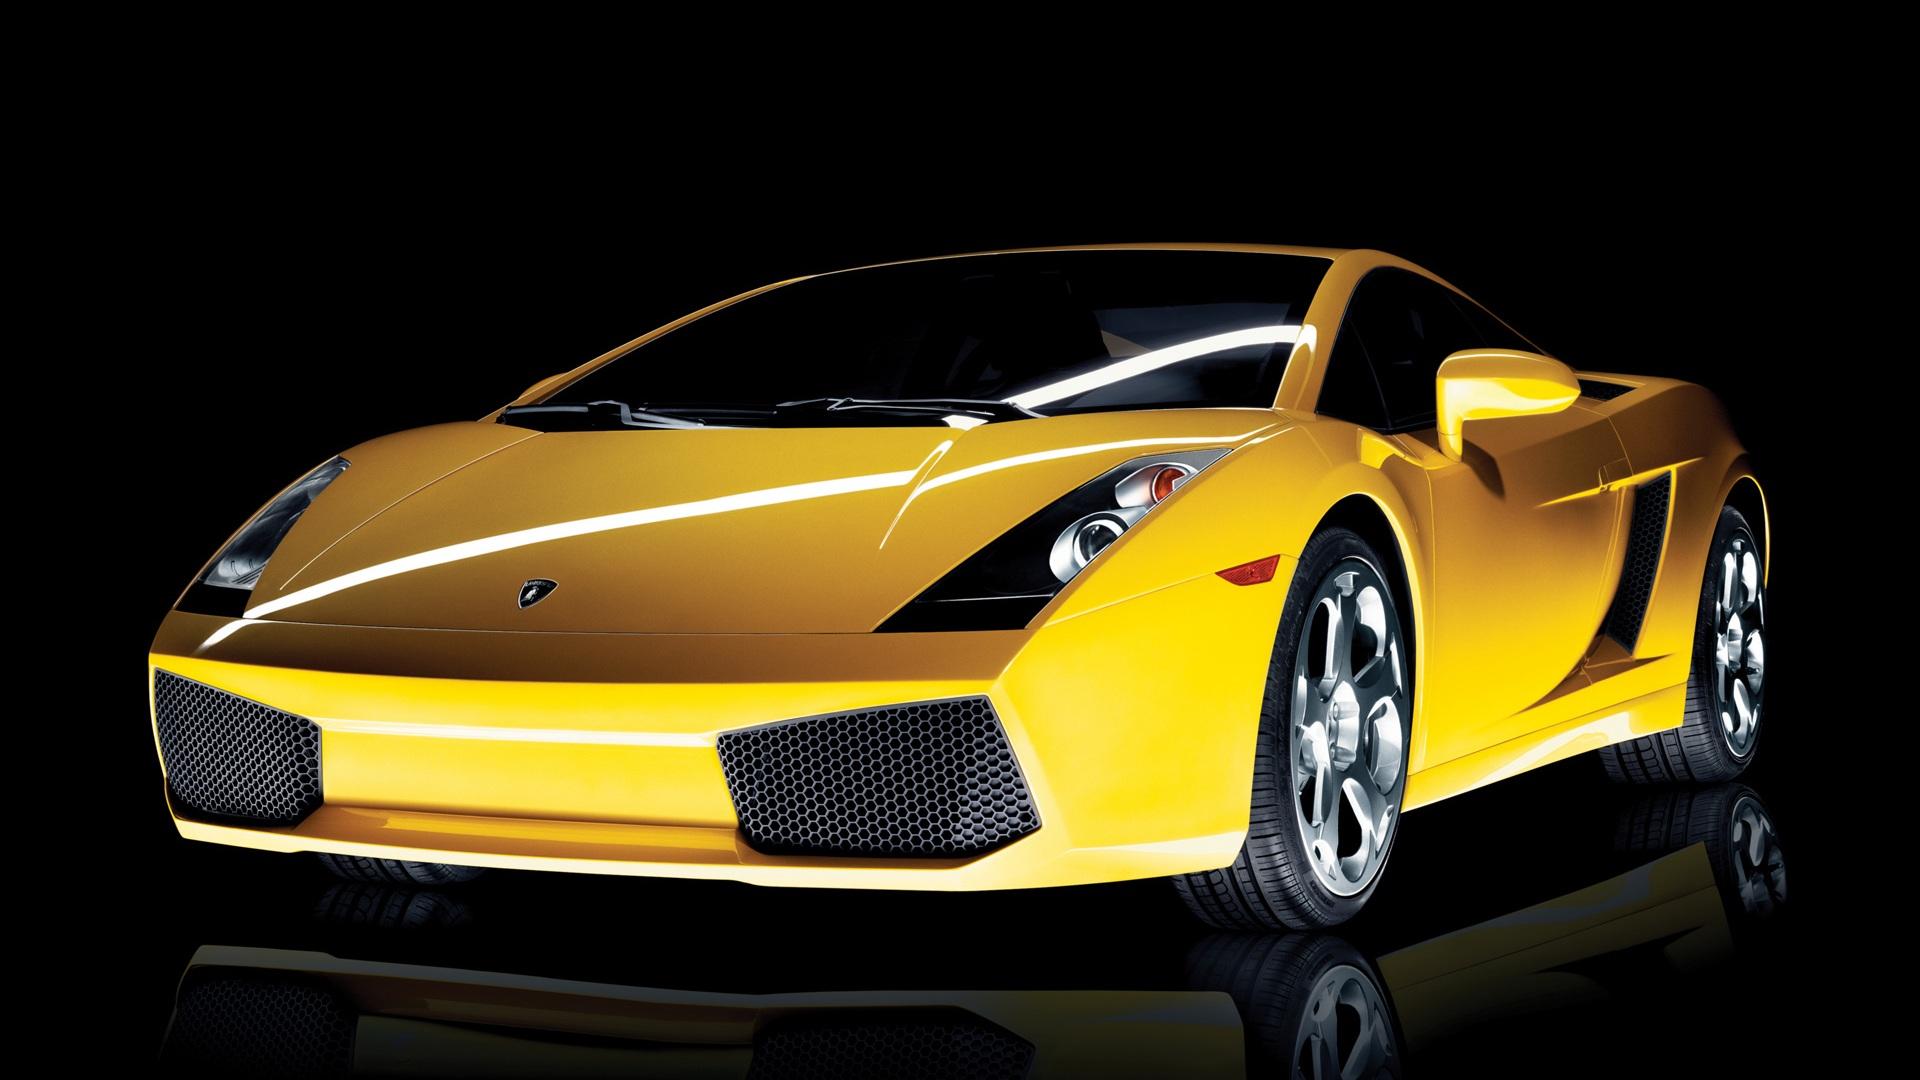 Wallpaper Lamborghini Gallardo 2003 1920x1200 Hd Picture Image